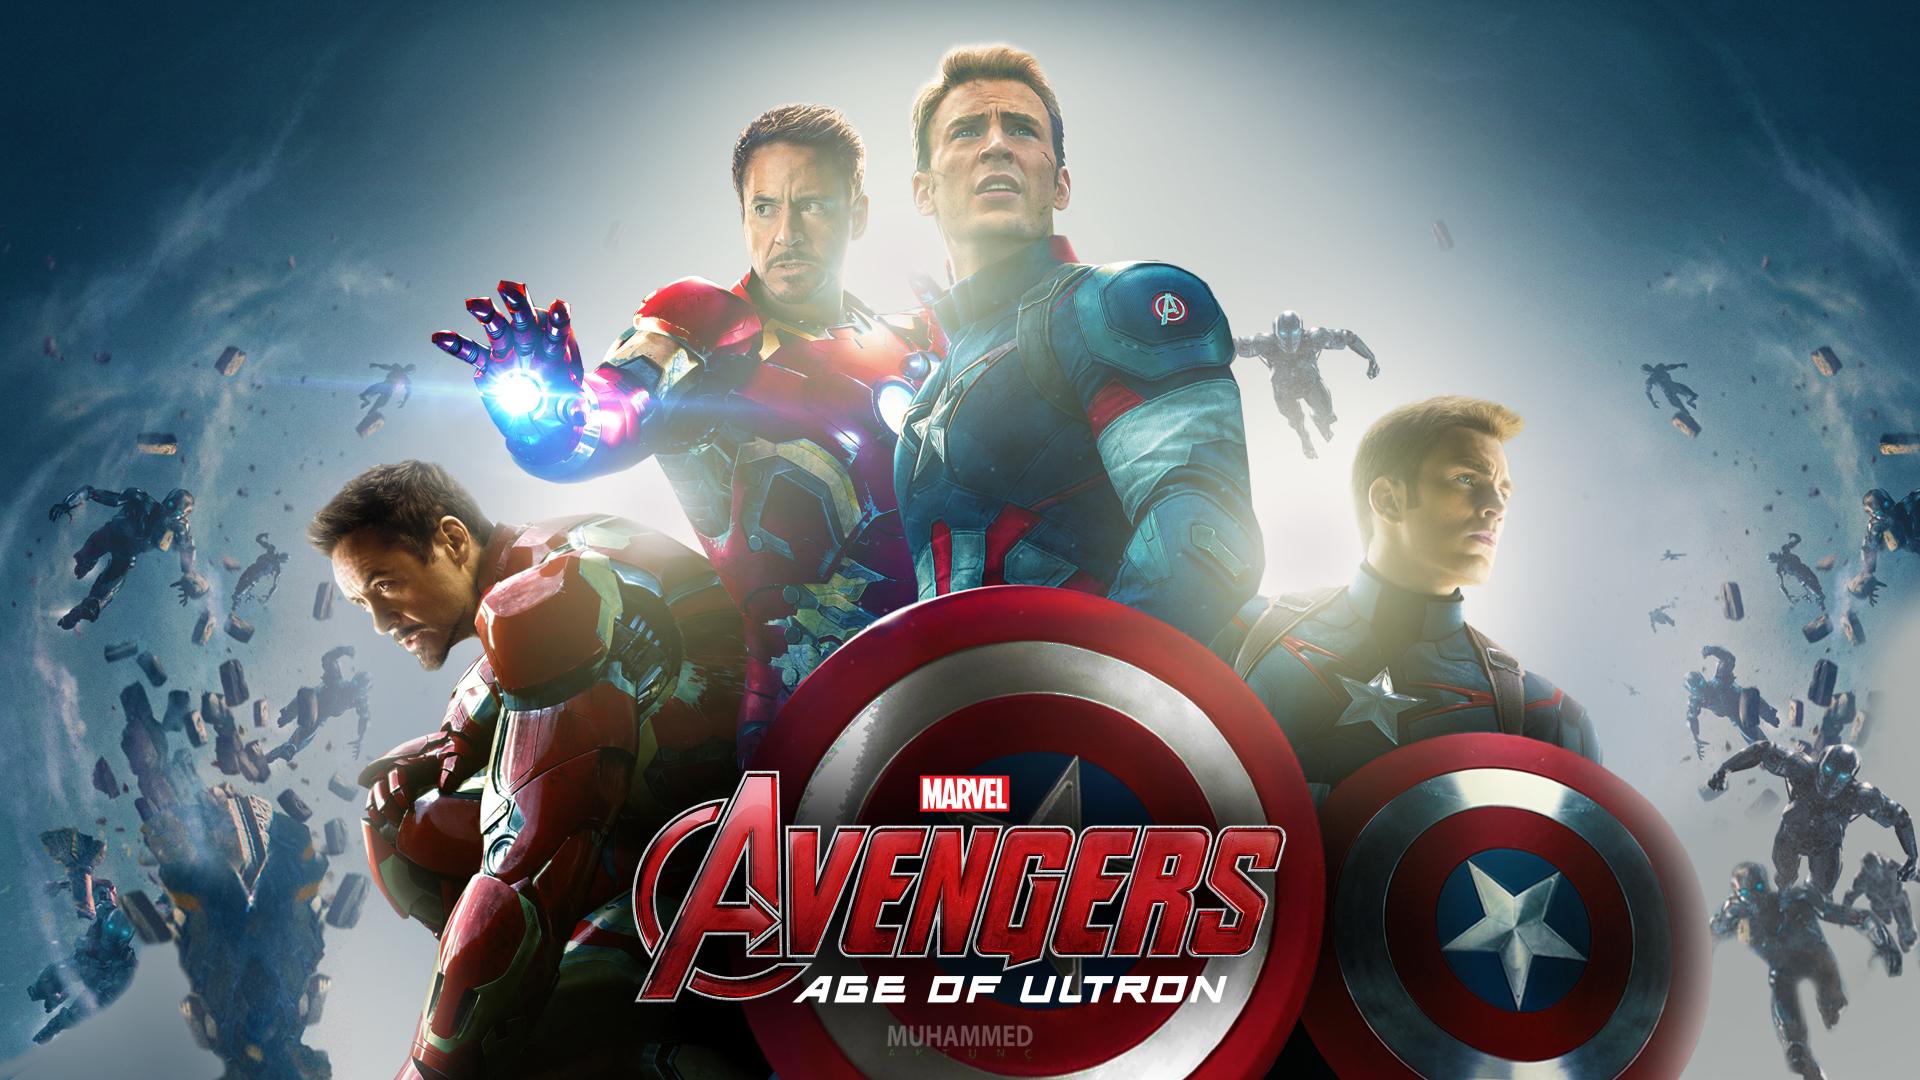 Marvel S Avengers Age Of Ultron Hd Wallpaper By Muhammedaktunc On